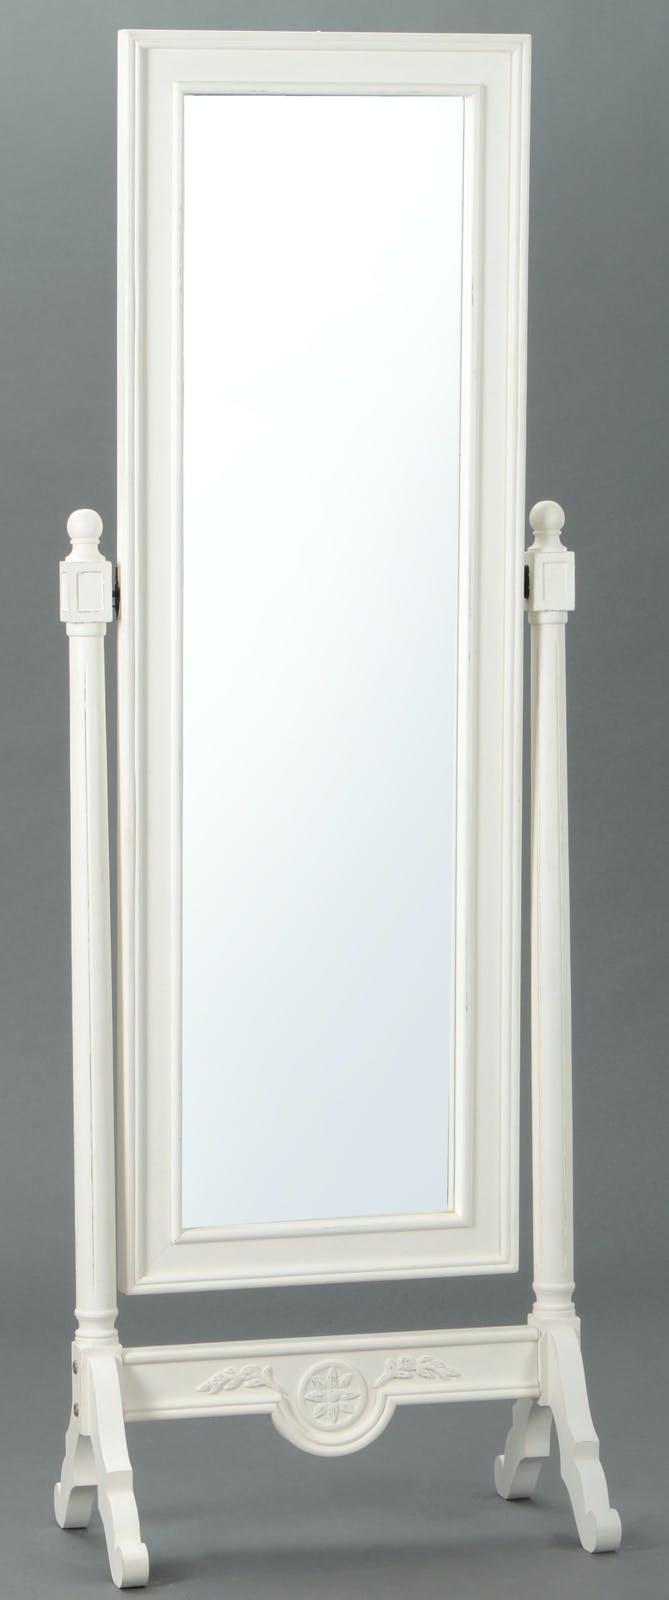 Miroir psyché Classique Chic AGATHE Long 60 X Larg 40 X H 175 Blanc Antique AMADEUS